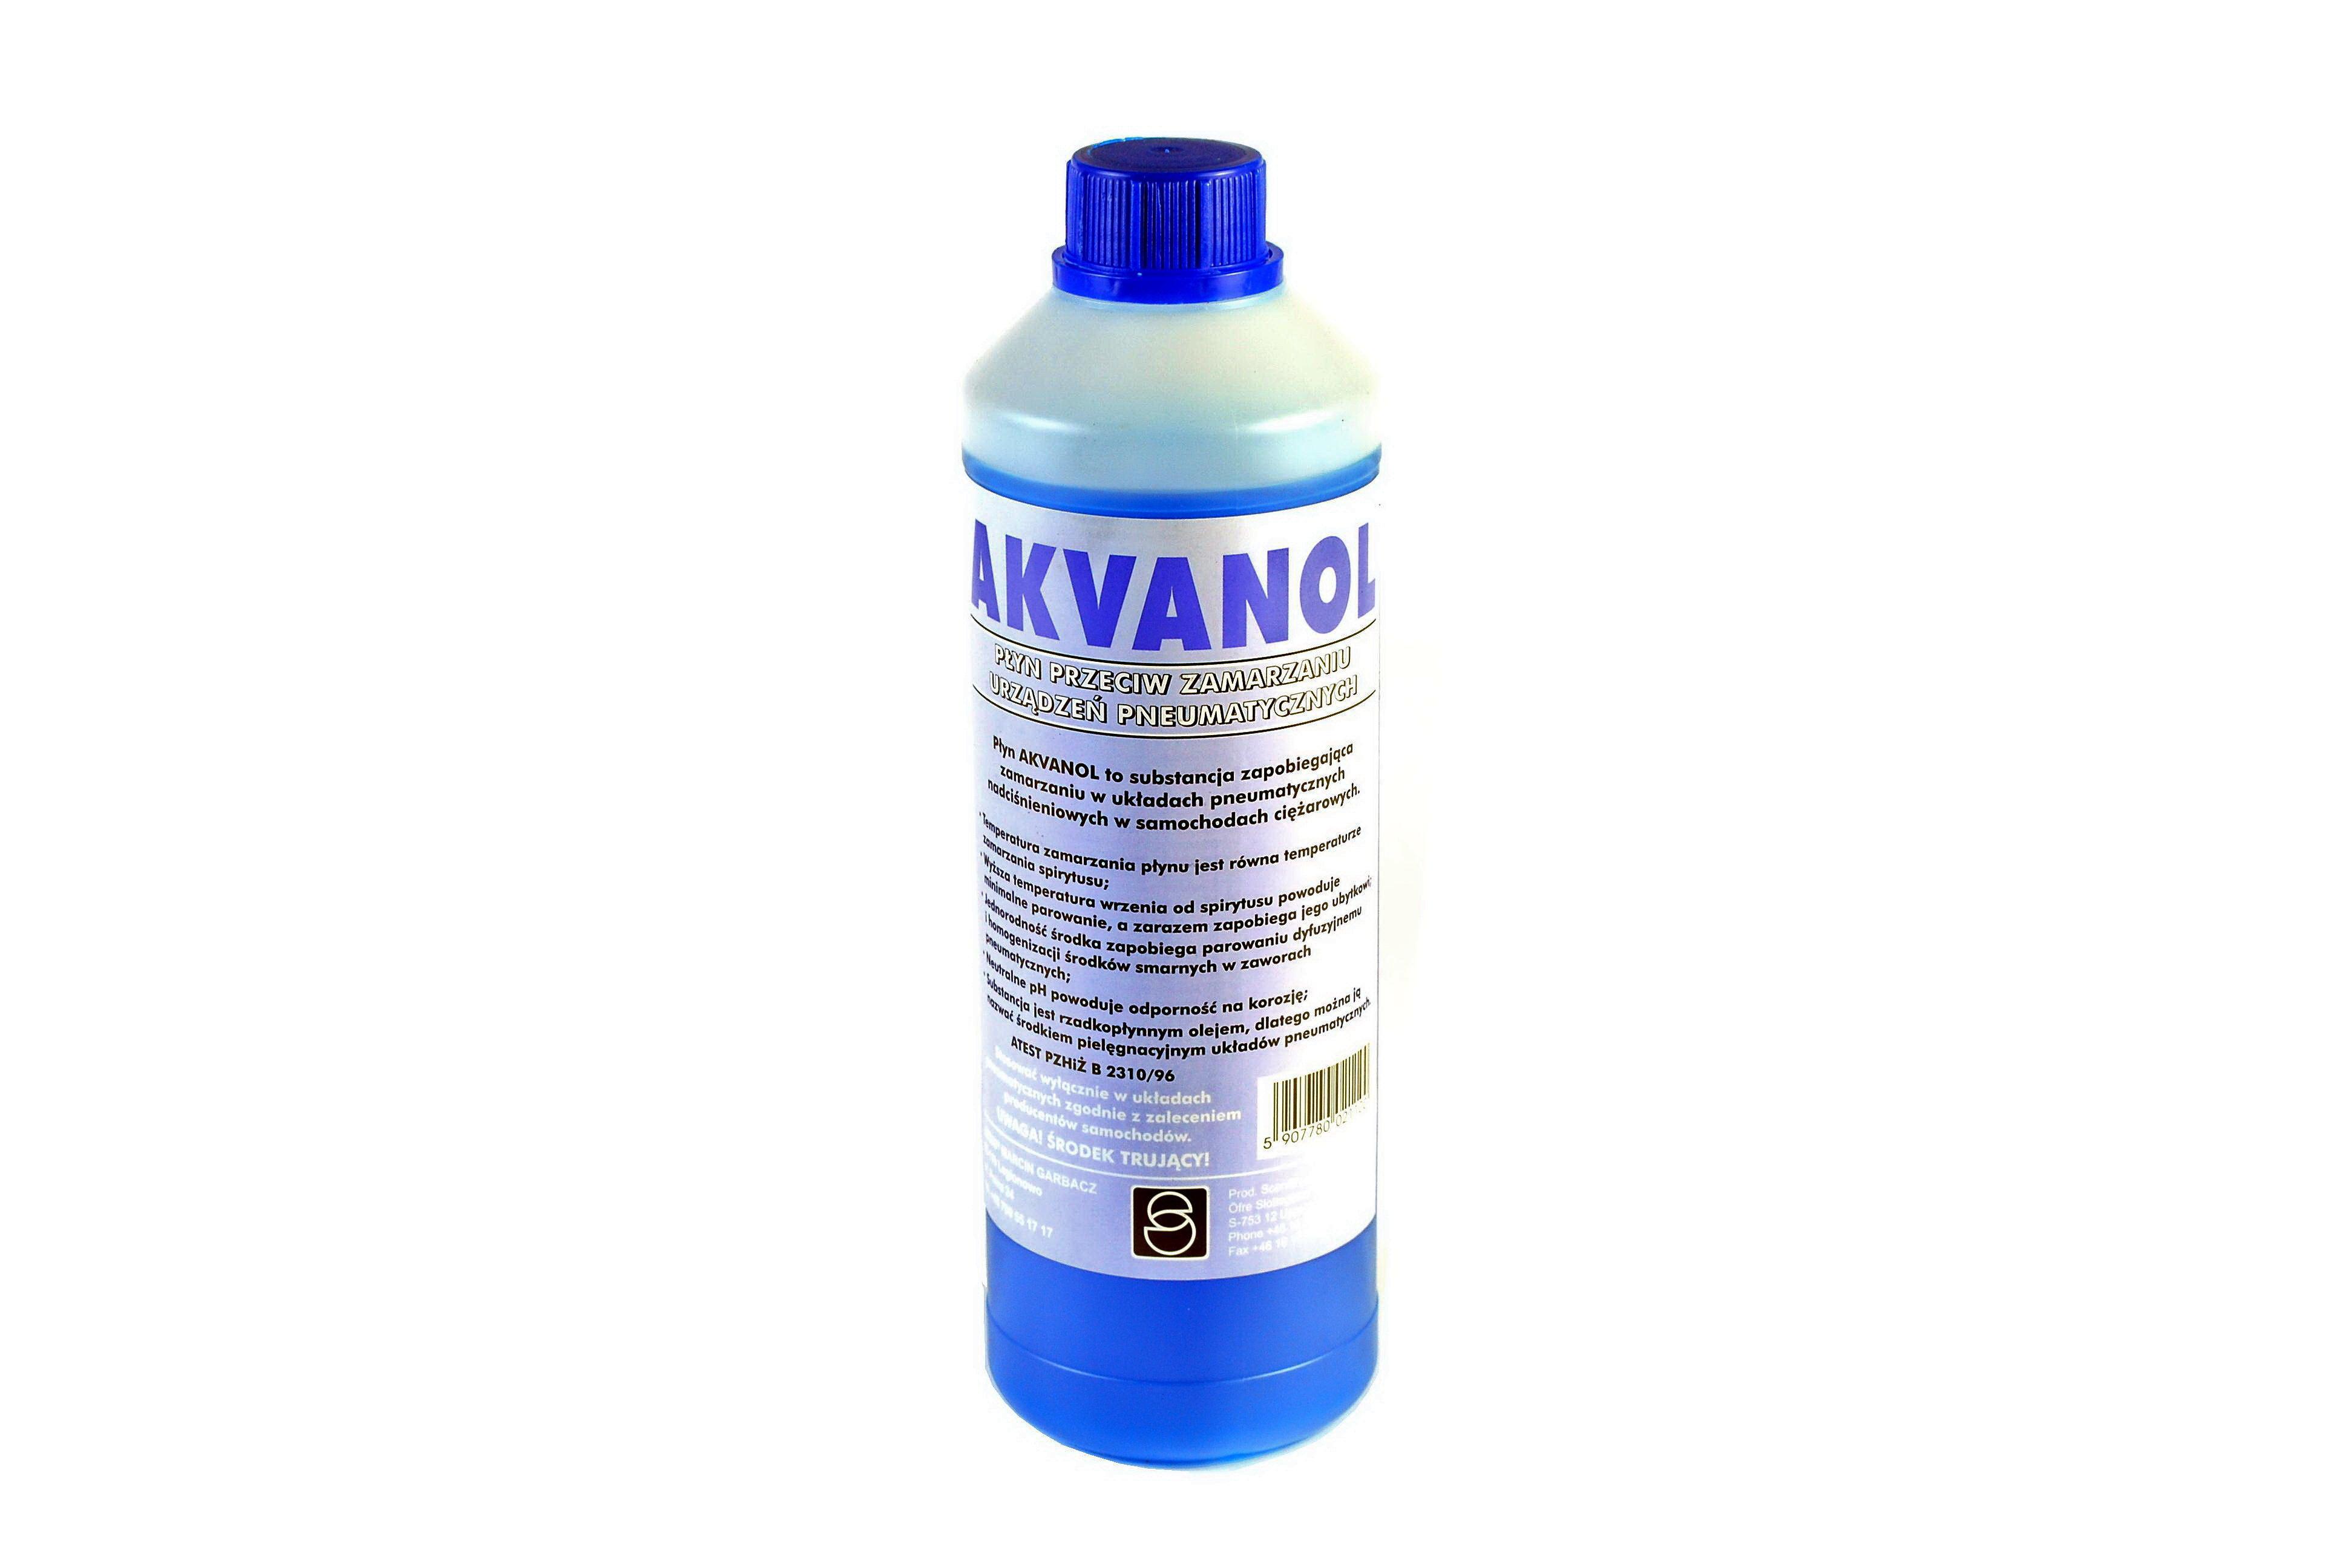 Odmrażacz układów pneumatycznych MGM GARBACZ Akvanol, 1 litr